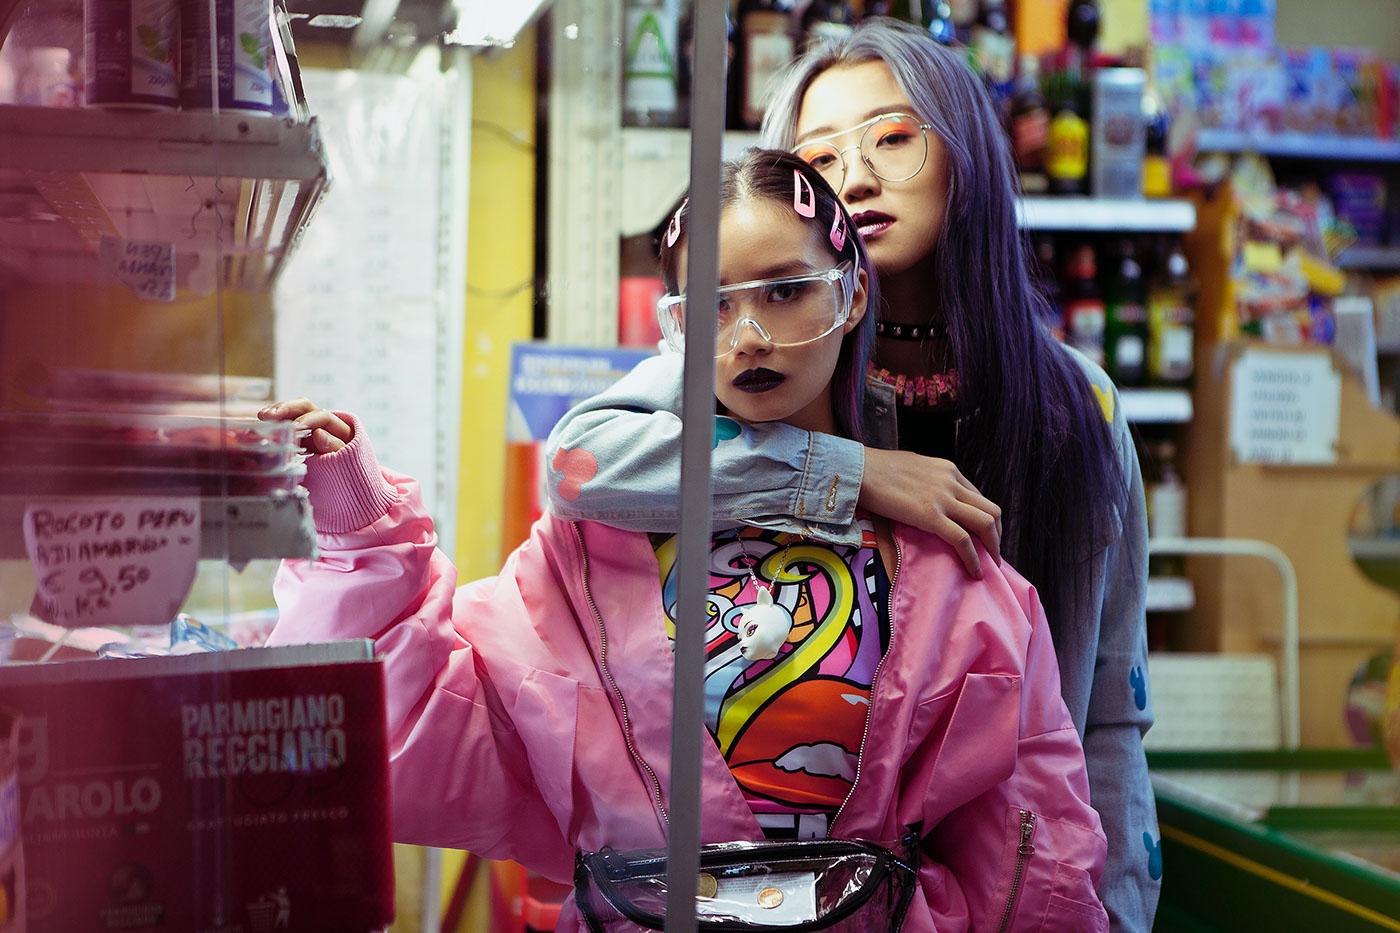 Fashion  styling  chinese Supermarket beauty tokyo streetstyle makeup